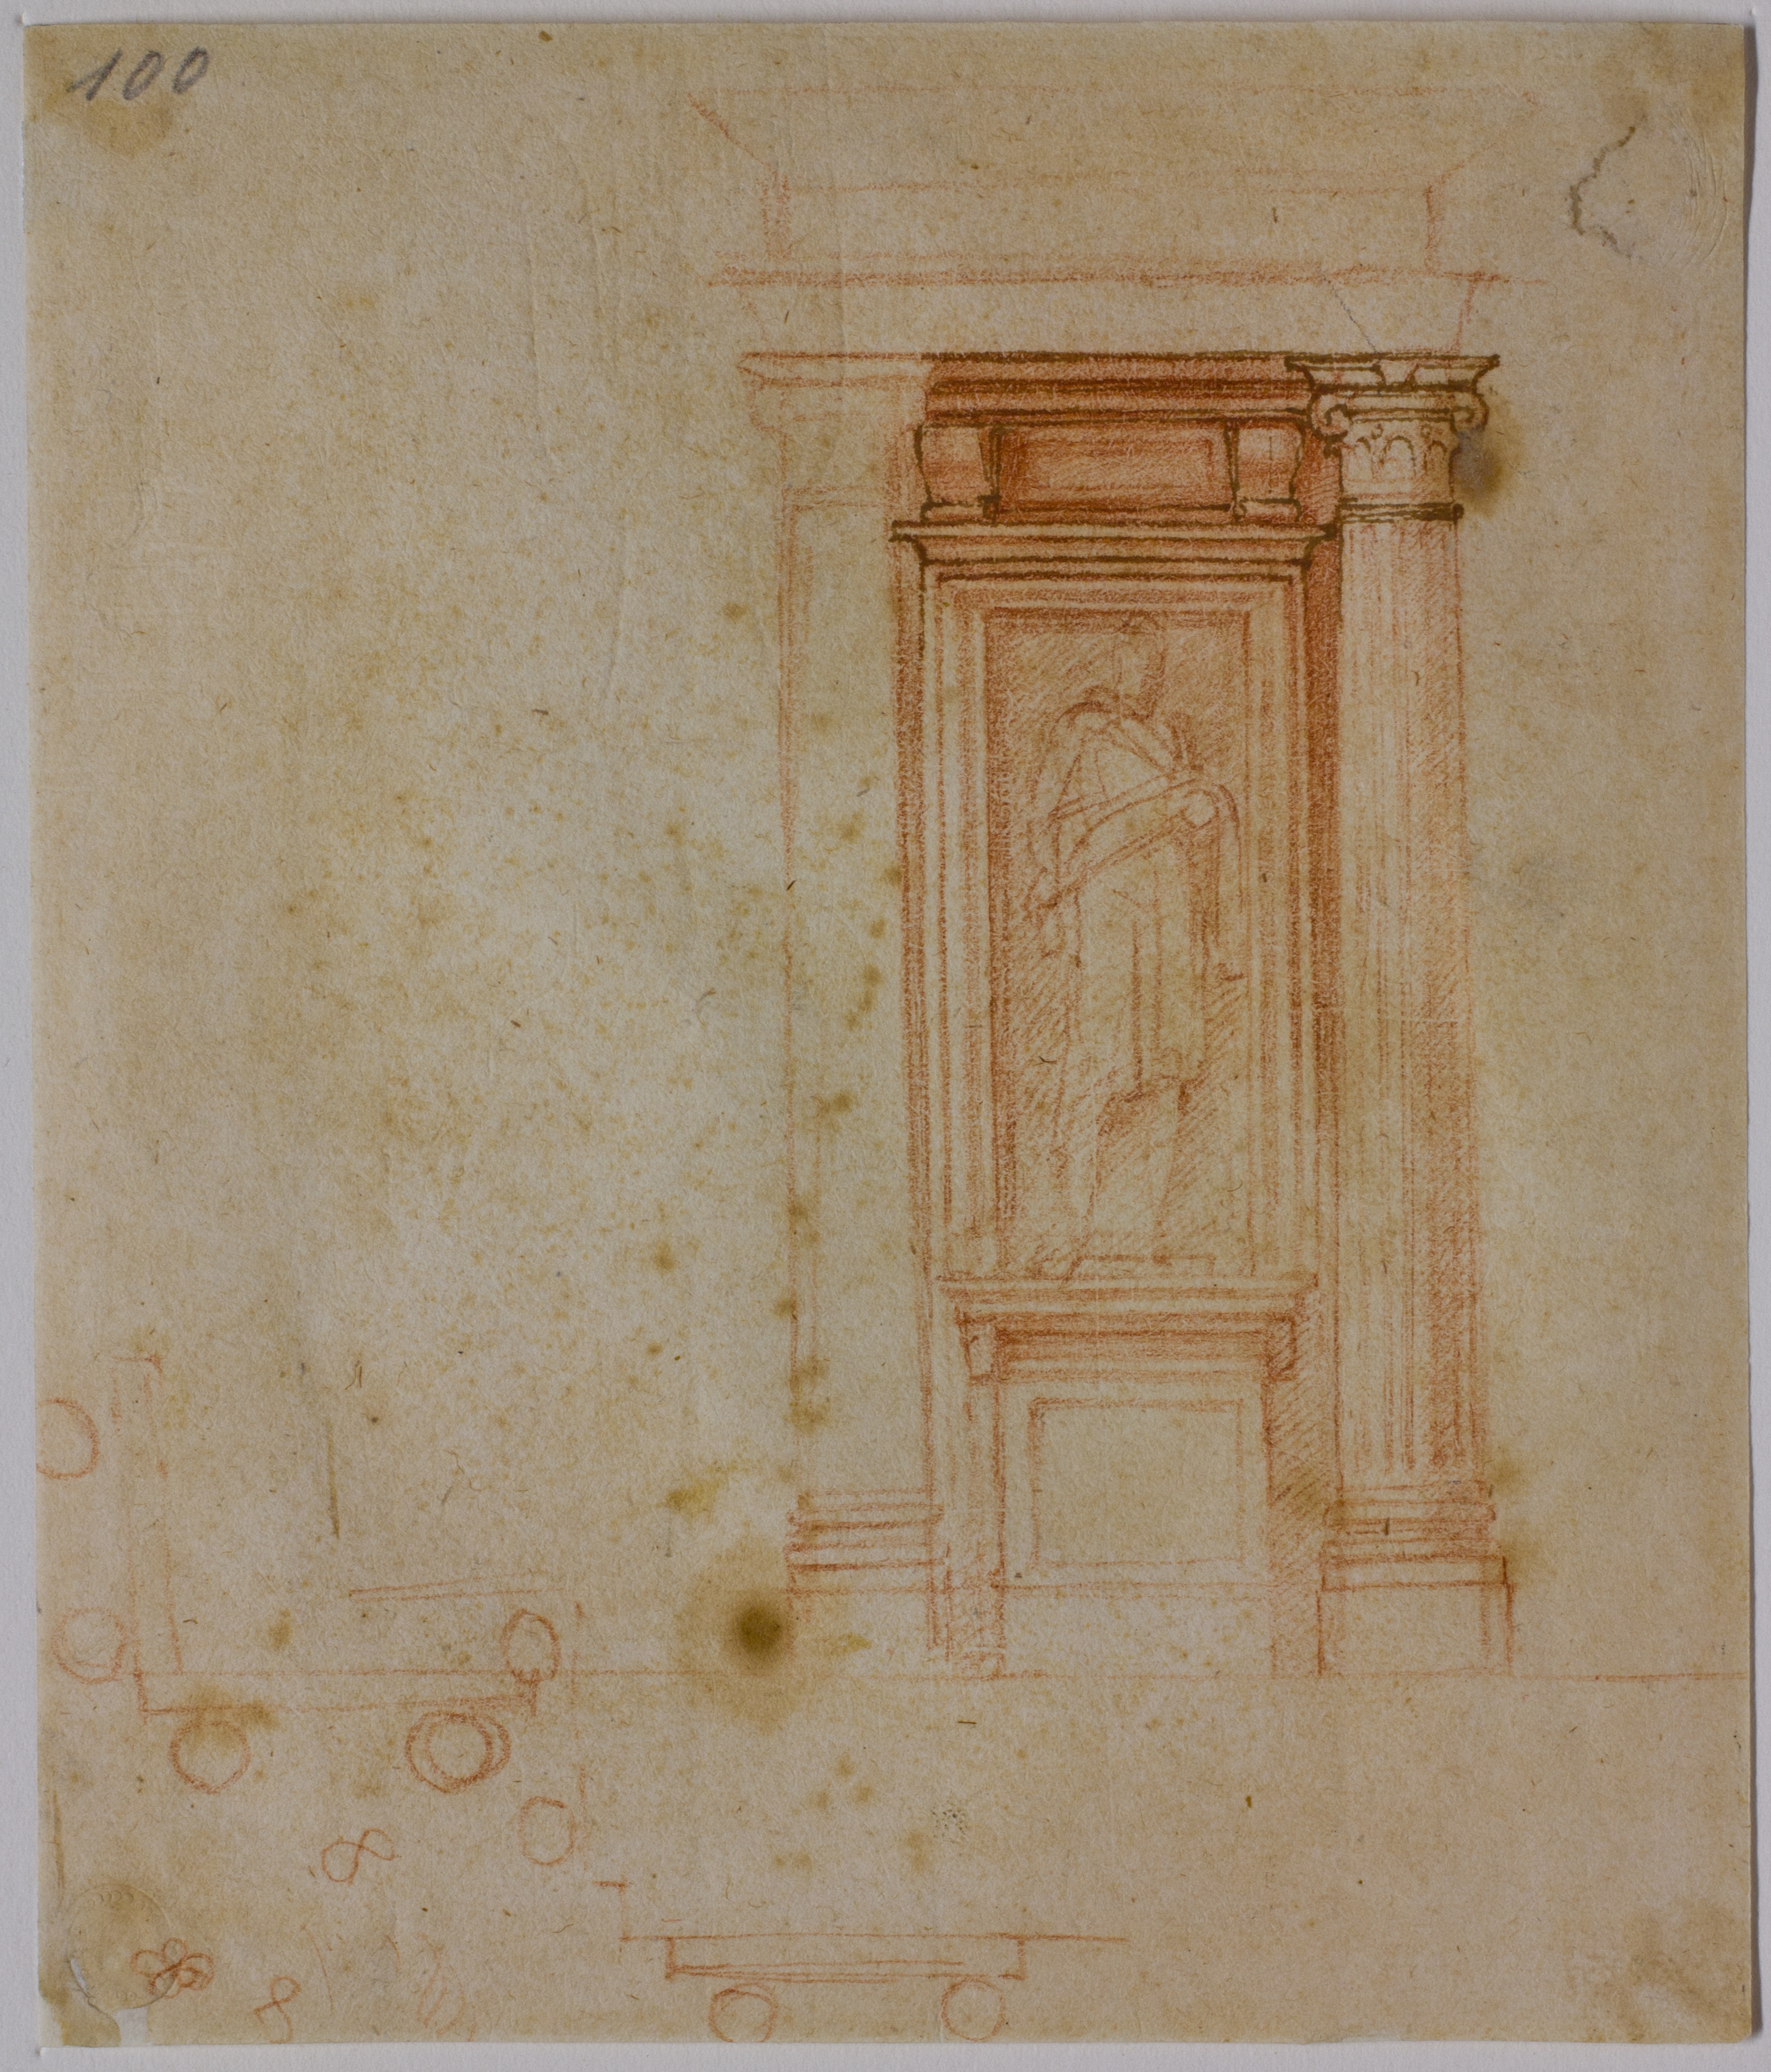 Pinacoteca Giovanni e Marella Agnelli | Michelangelo. Disegni da Casa Buonarroti